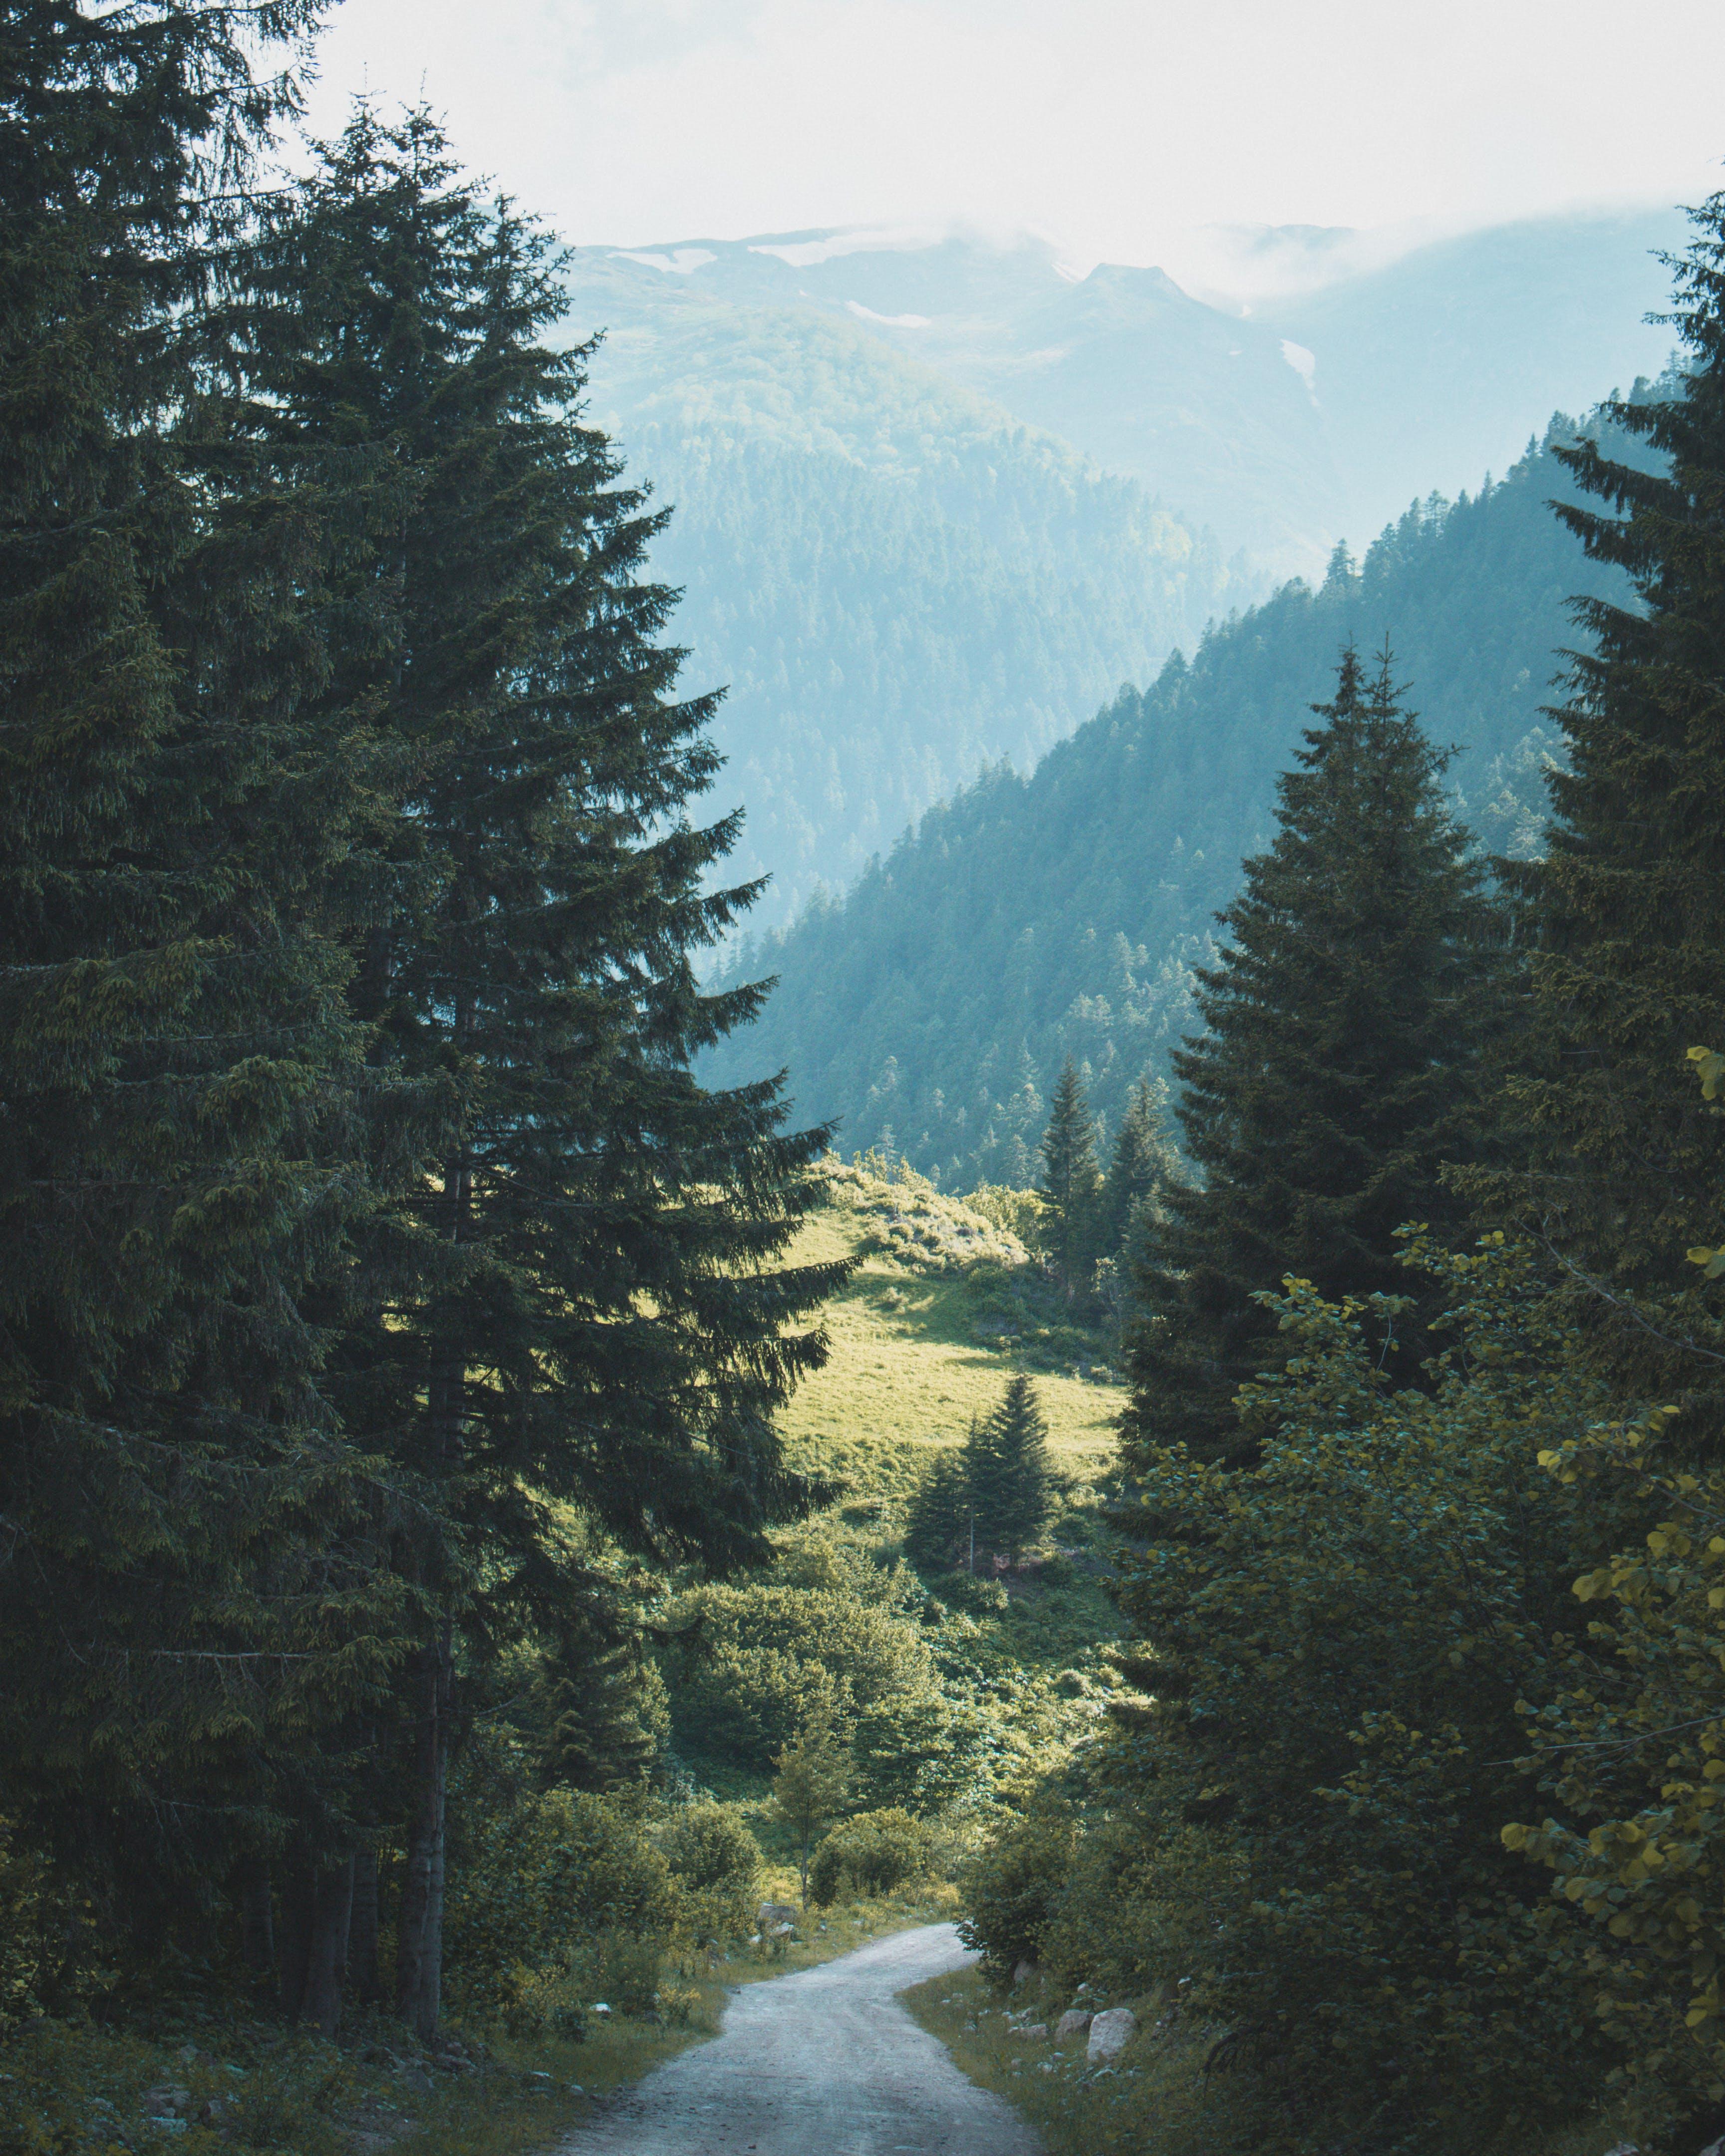 Δωρεάν στοκ φωτογραφιών με γραφικός, δέντρα, κοιλάδα, σε εξωτερικό χώρο